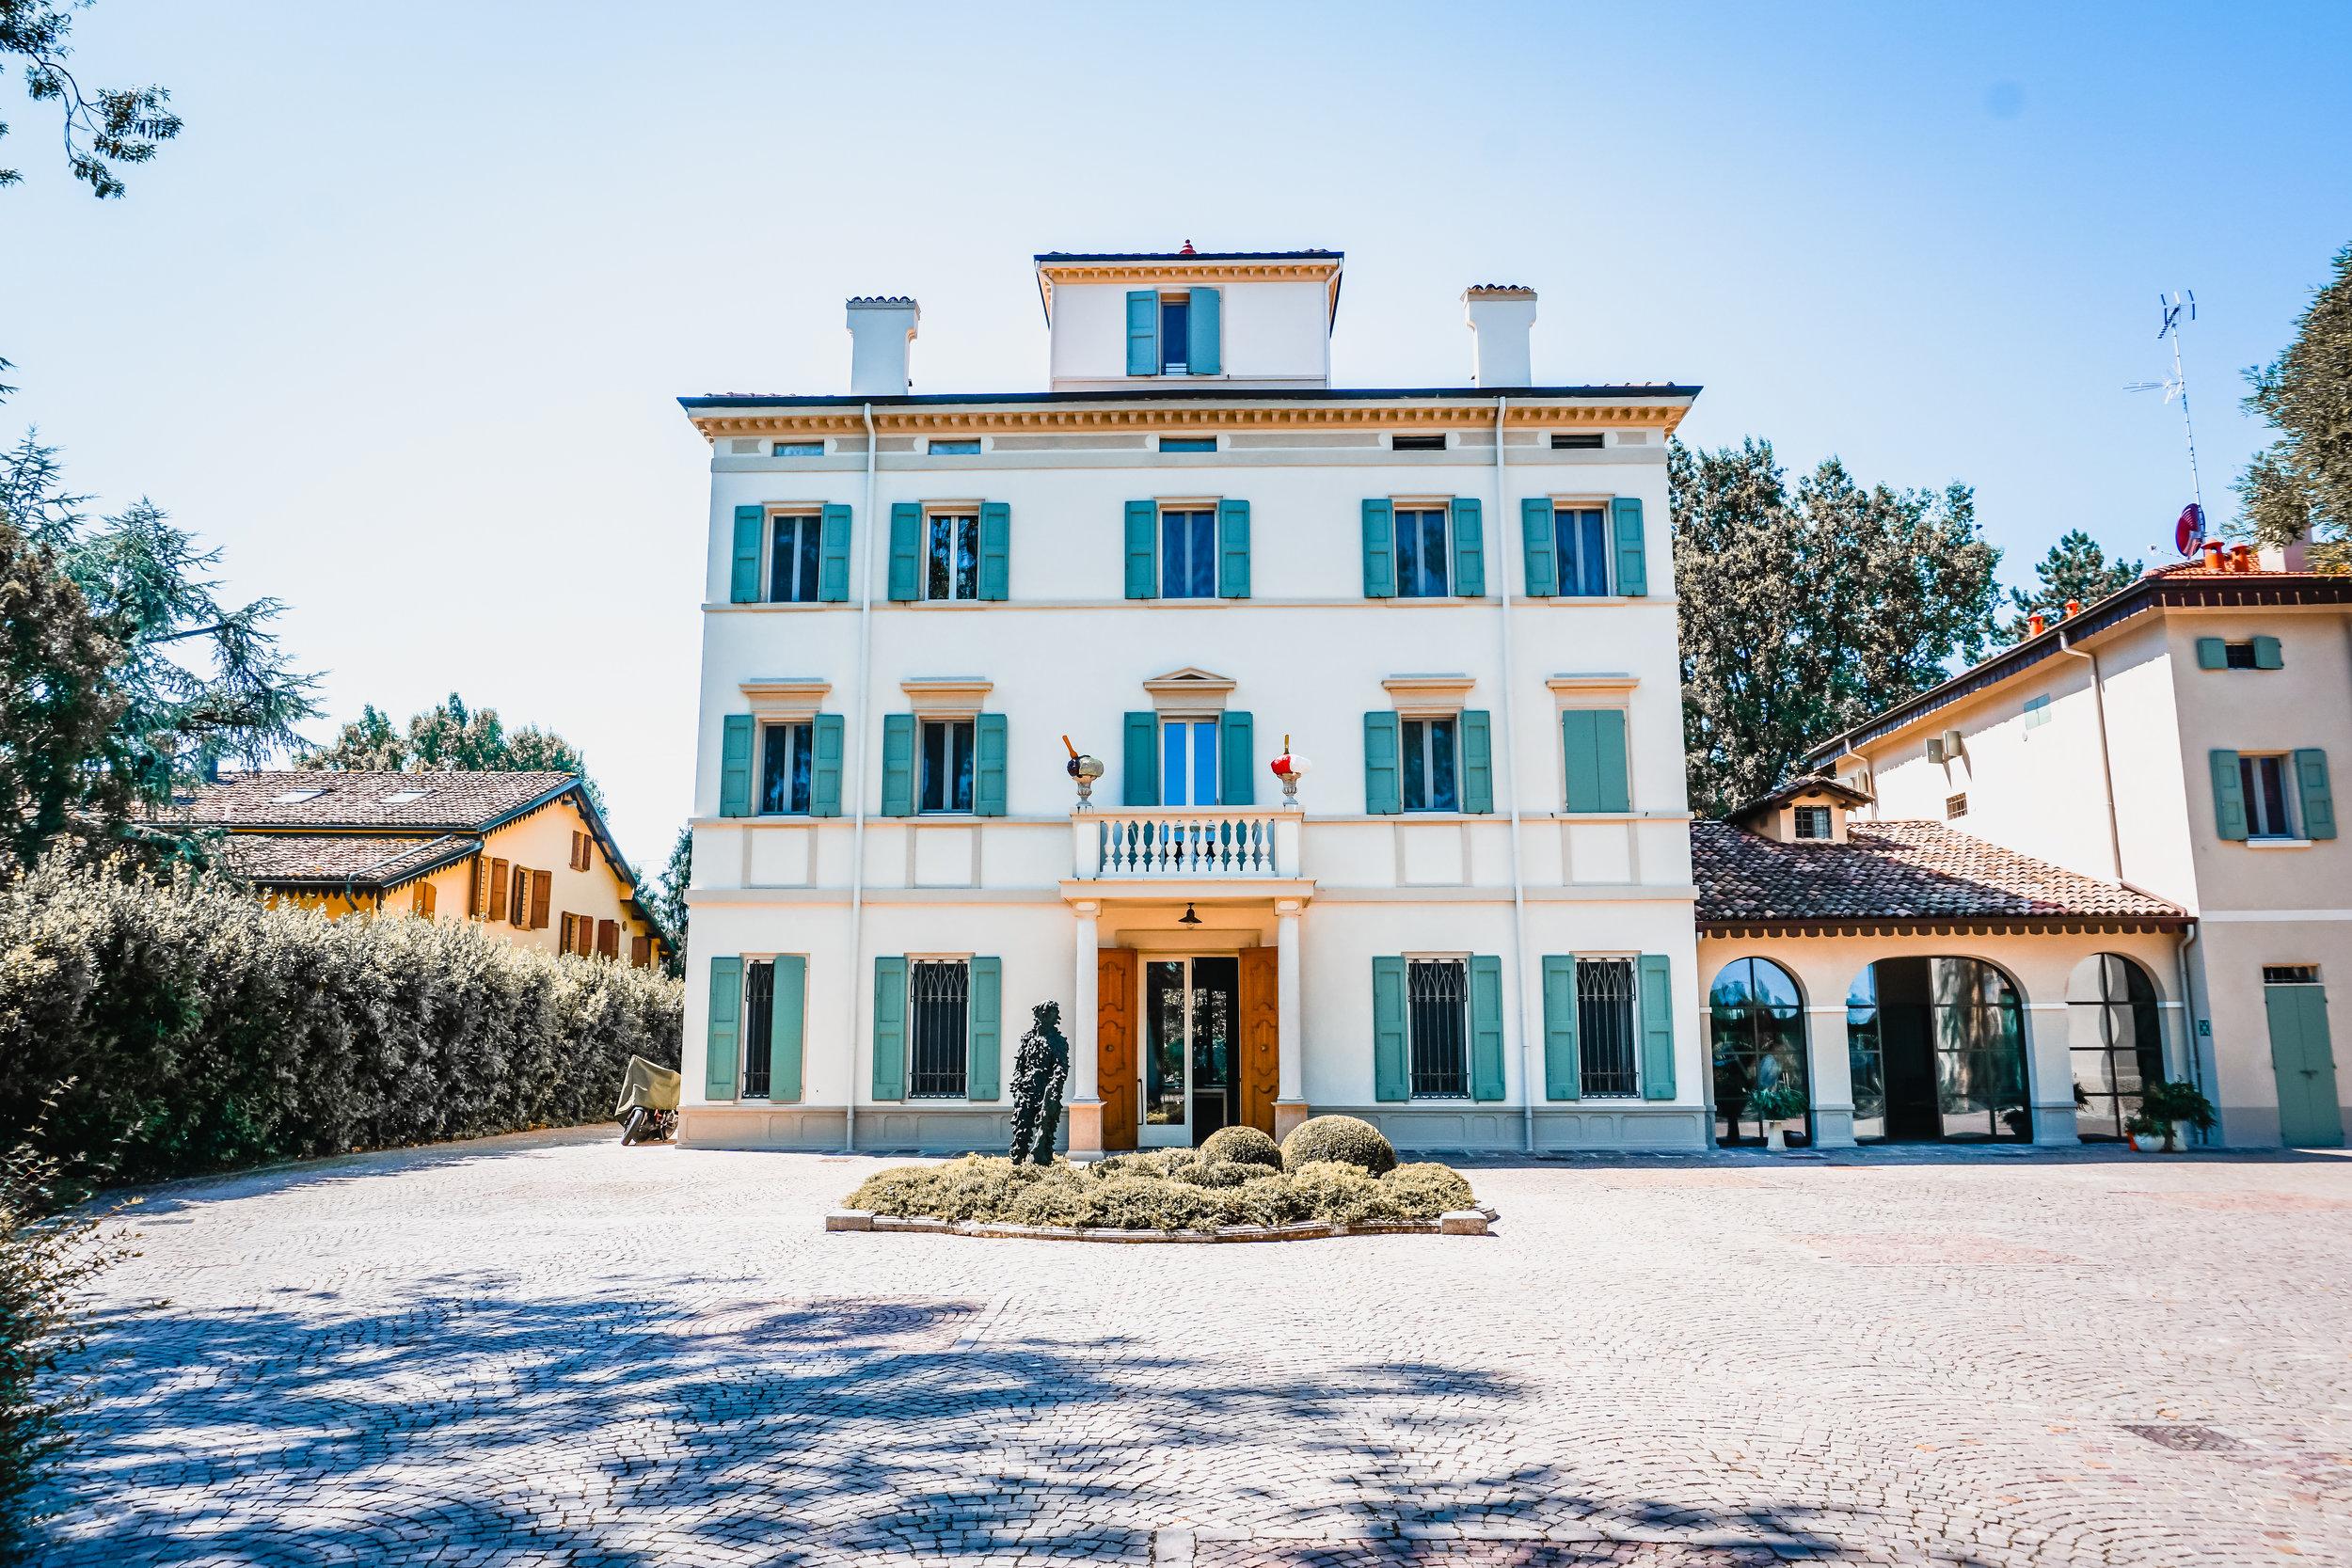 Casa Maria Luigia in Modena, Italy